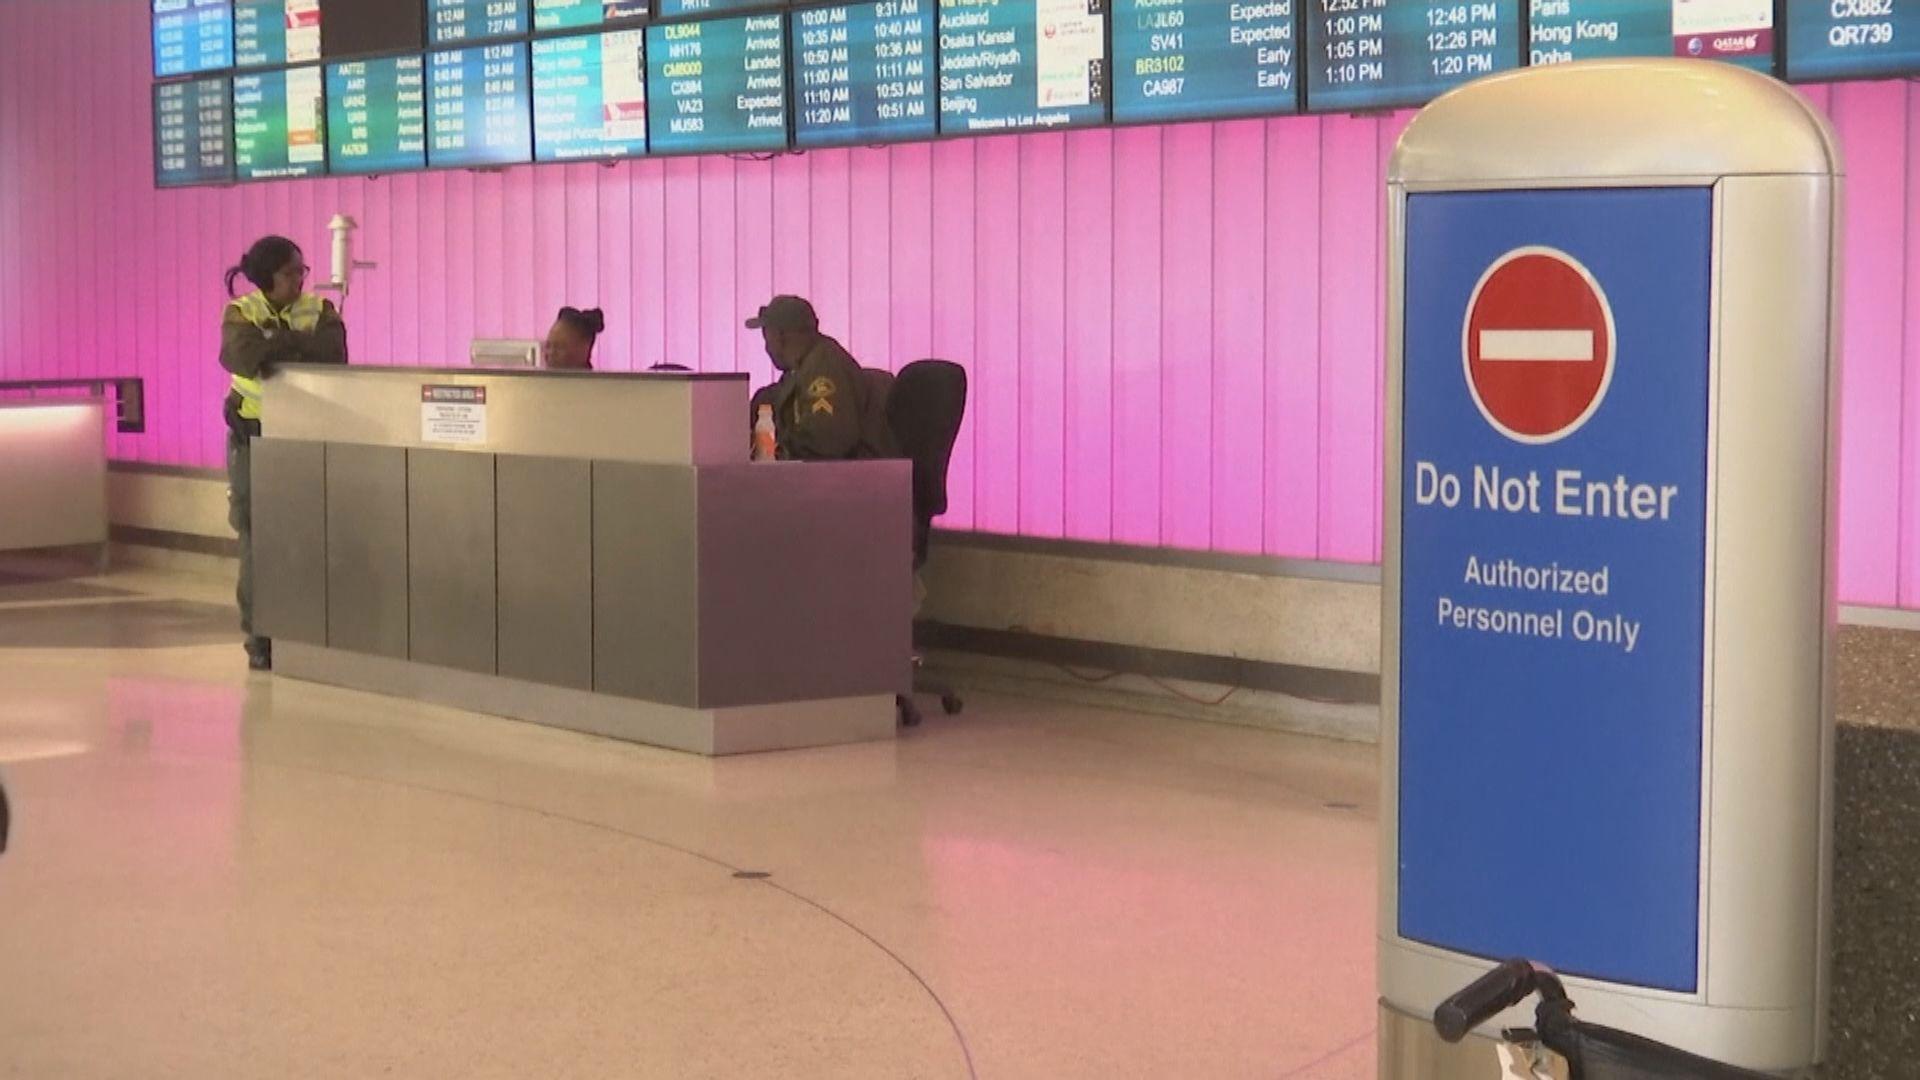 美國要求來自英國旅客持陰性檢測證明